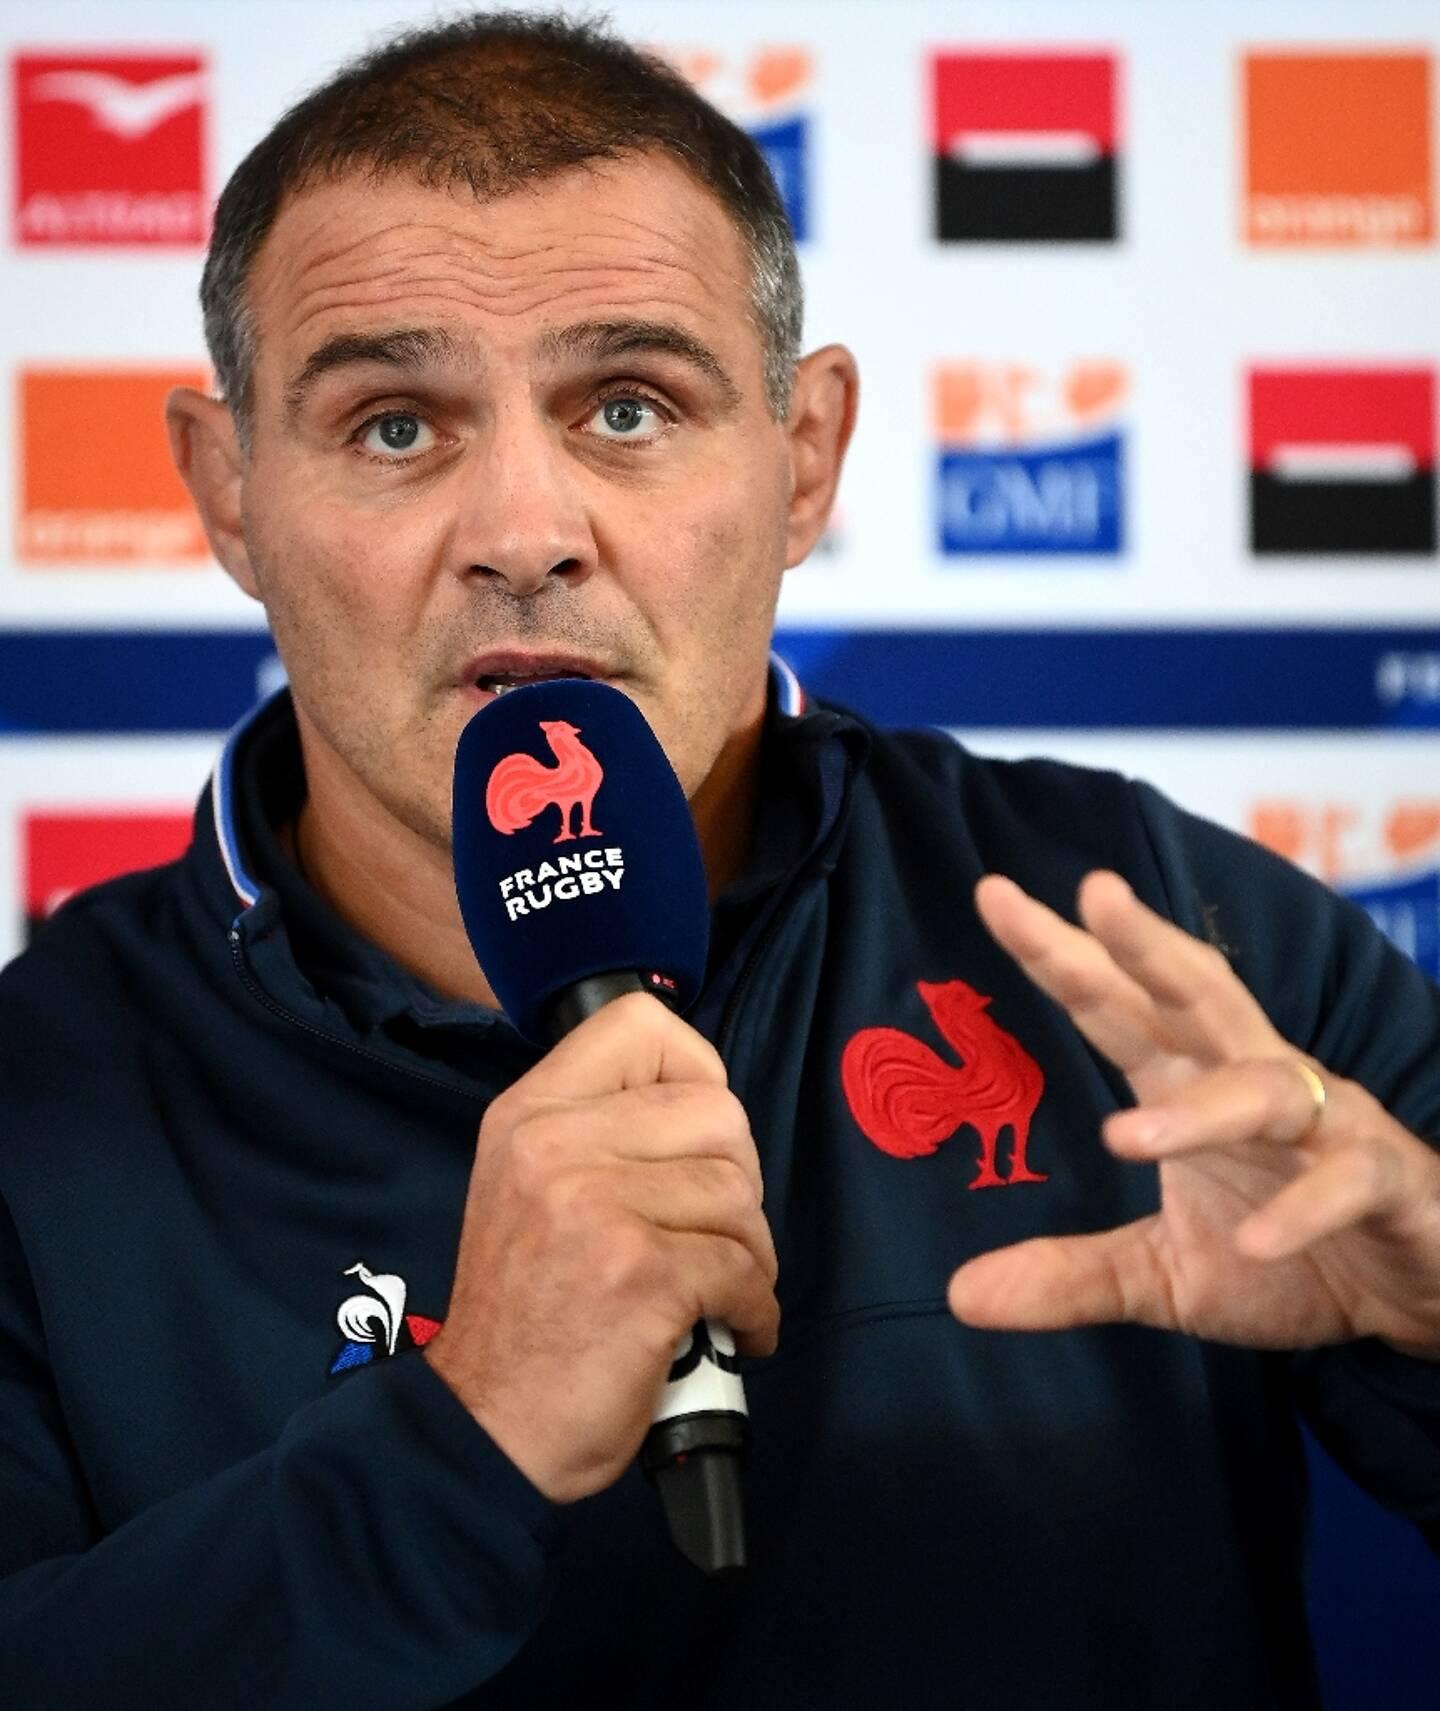 Le manager du XV de France, Raphaël Ibanez, lors d'une conférence de presse, le 7 novembre 2020 à Marcoussis